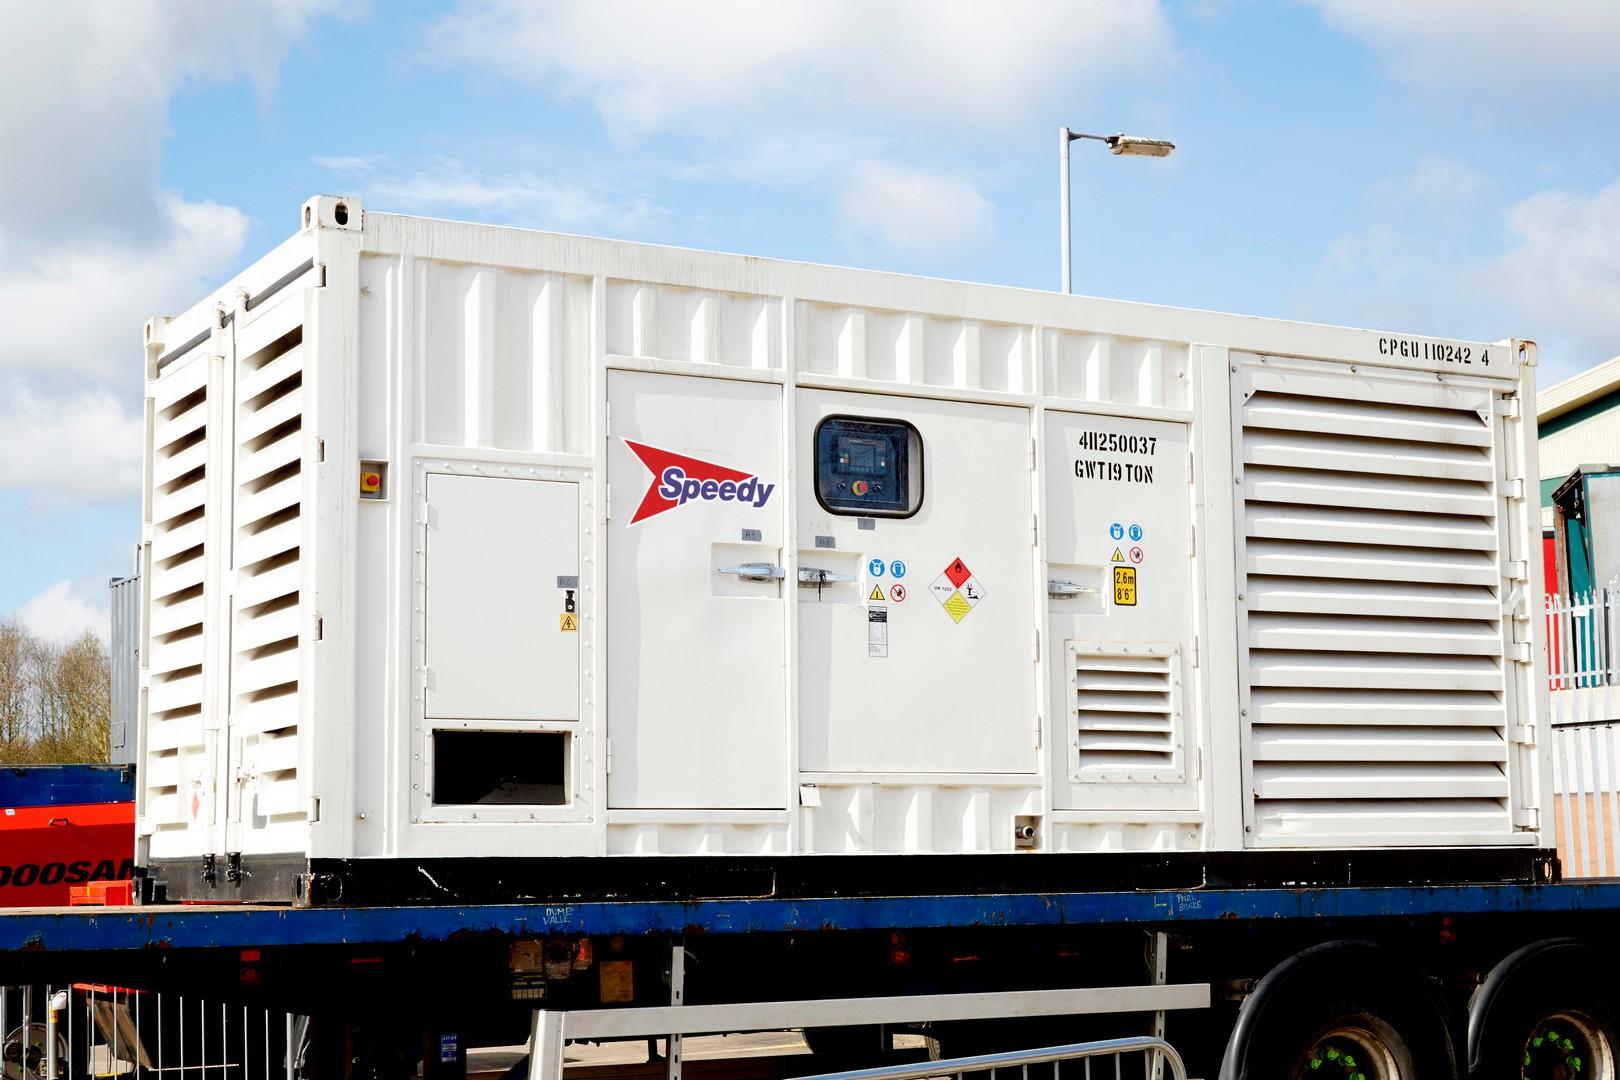 1260 Kva Generator 415/3/50 Mwk50hr Rate